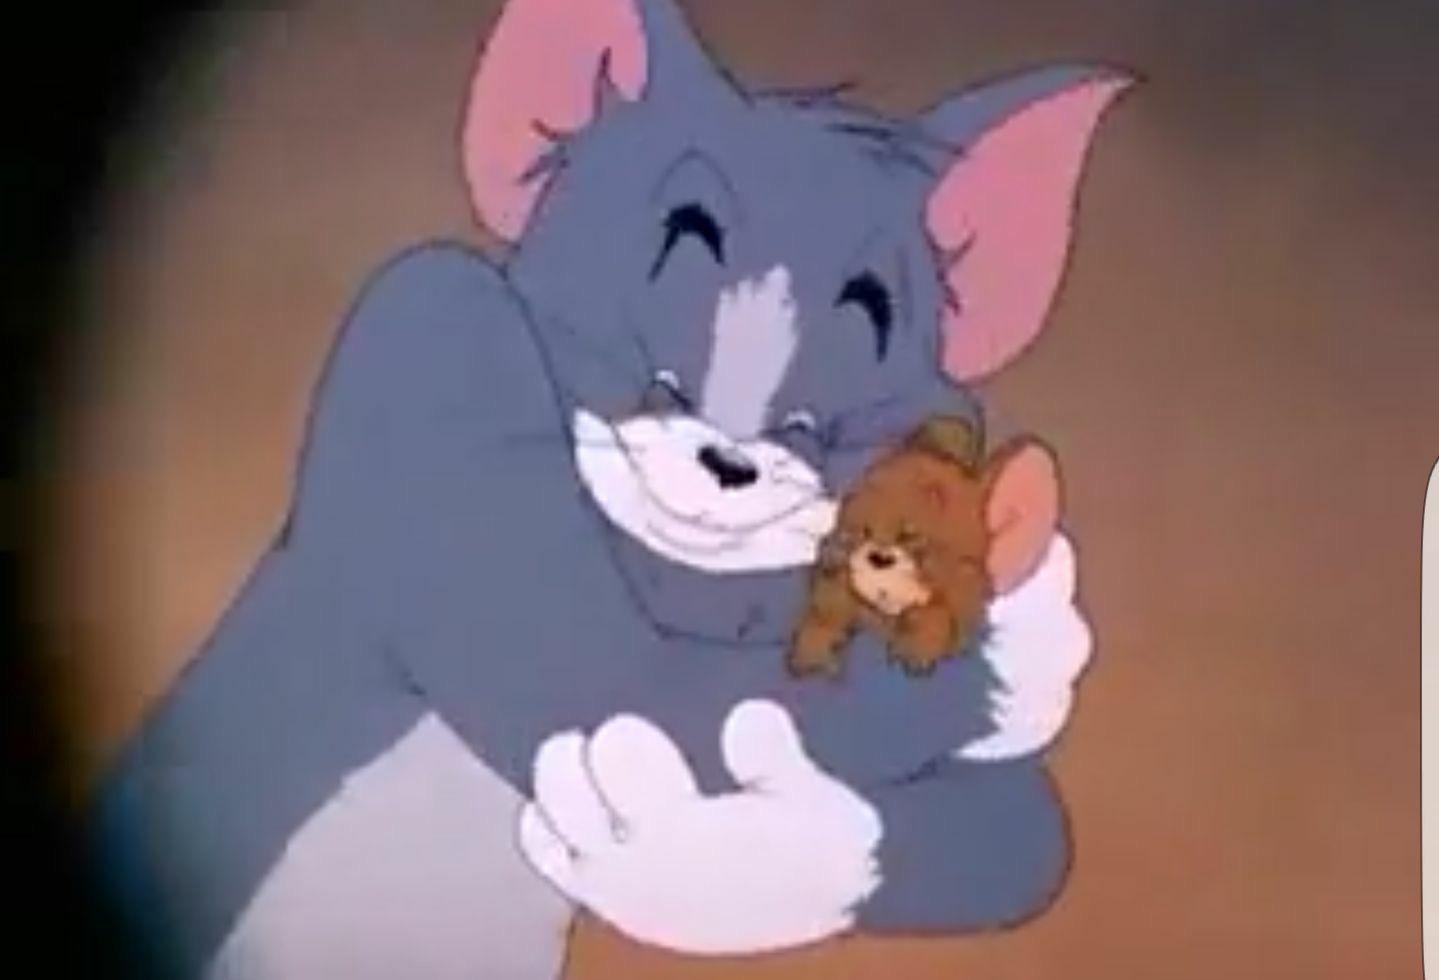 TomandJerry Tom & Jerry, awww!! cx | Tom and jerry, Tom and jerry pictures,  Tom and jerry memes